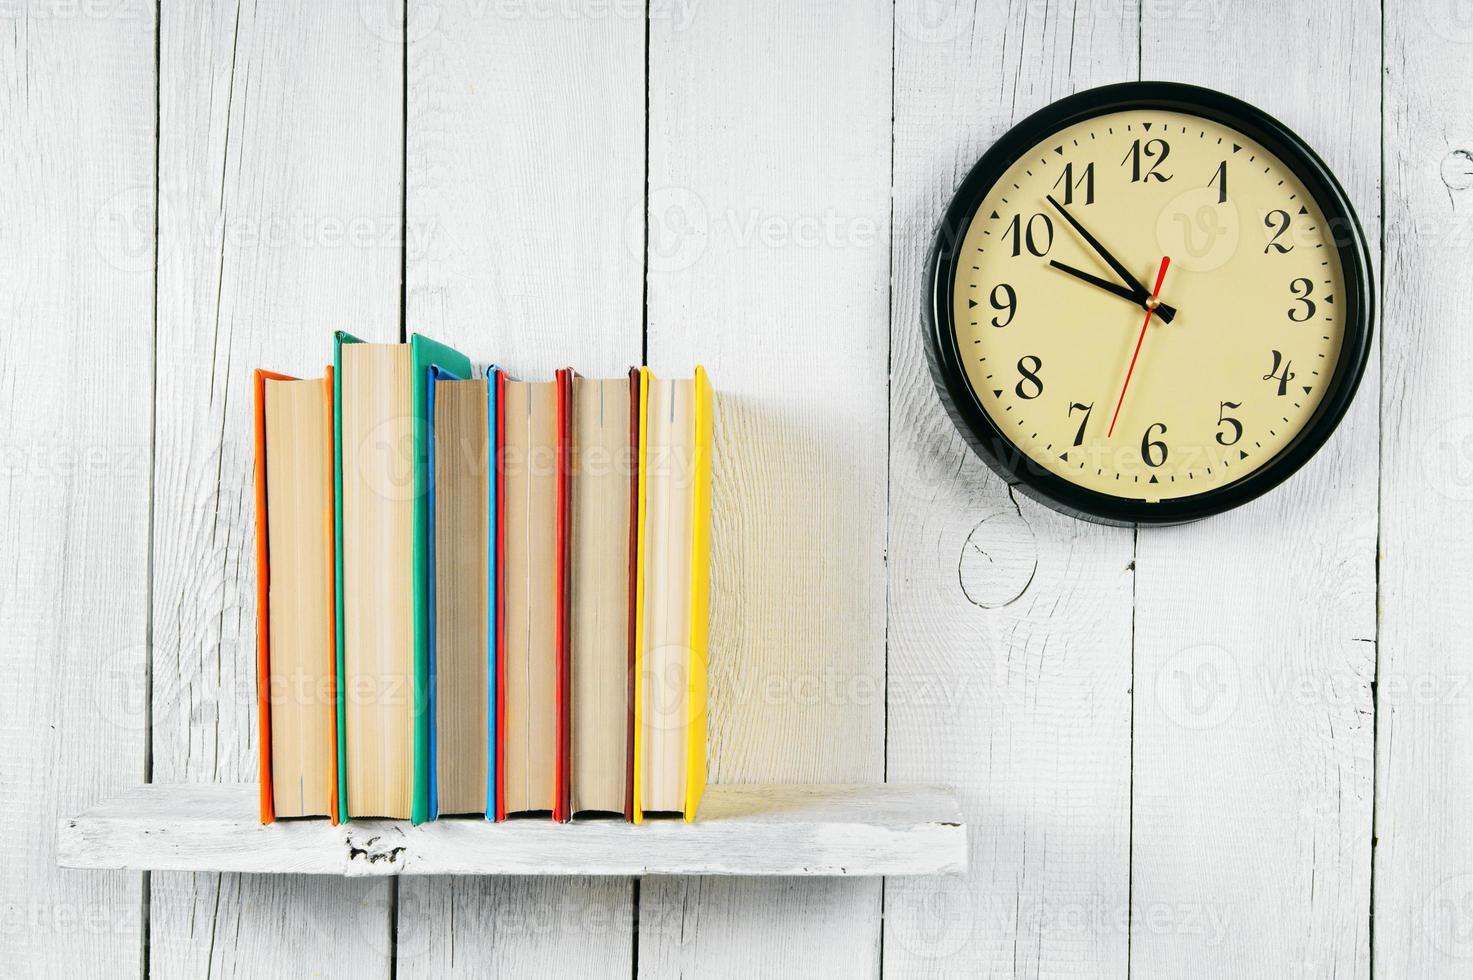 Uhren und Bücher auf einem Holzregal. foto